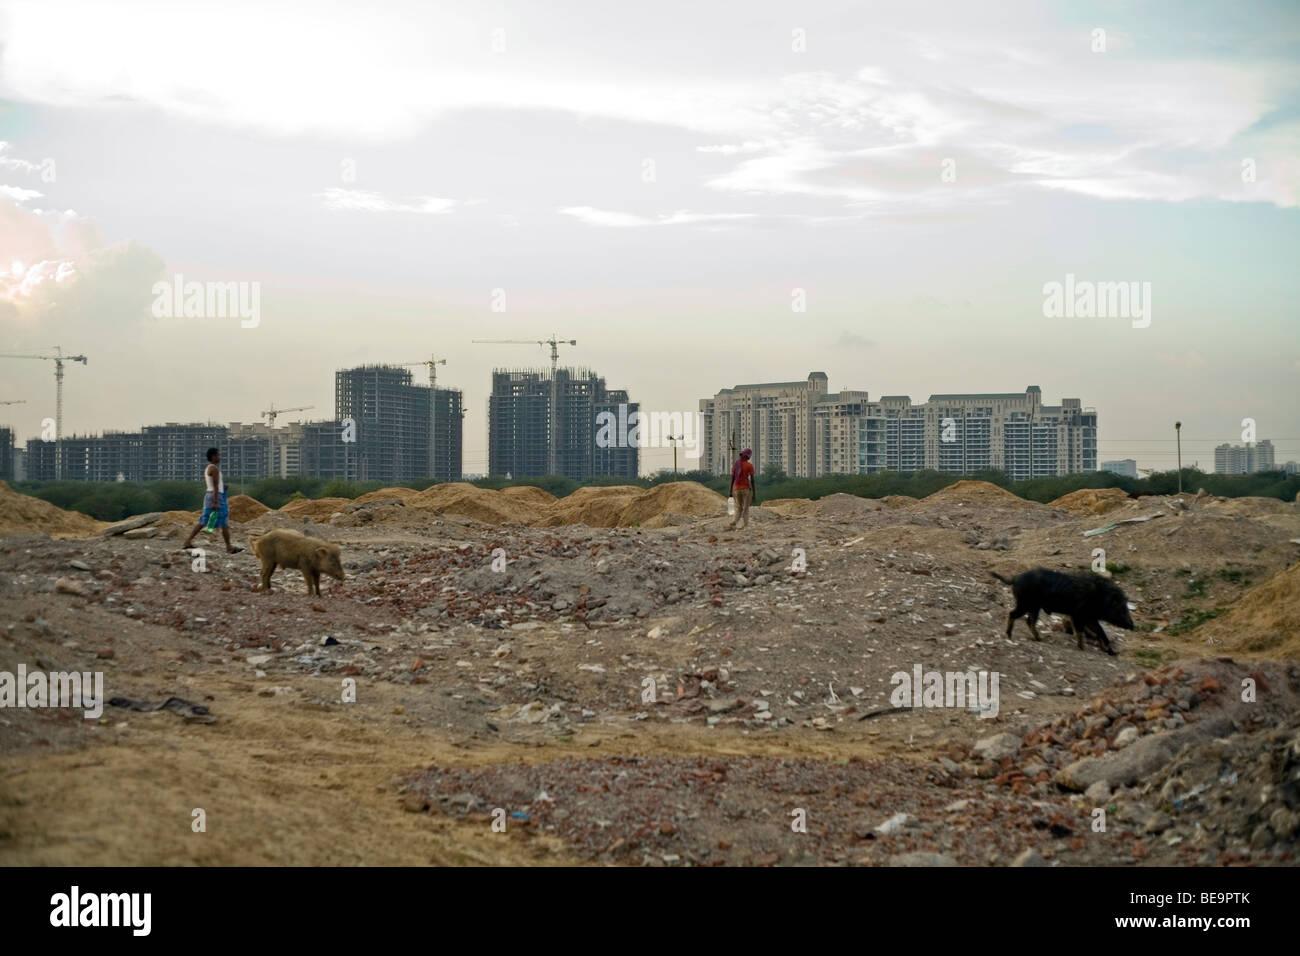 Uomini e maiali selvatici a piedi attraverso un campo di lavoro nell'ombra di un nuovo sviluppo a Gurgaon, India Immagini Stock